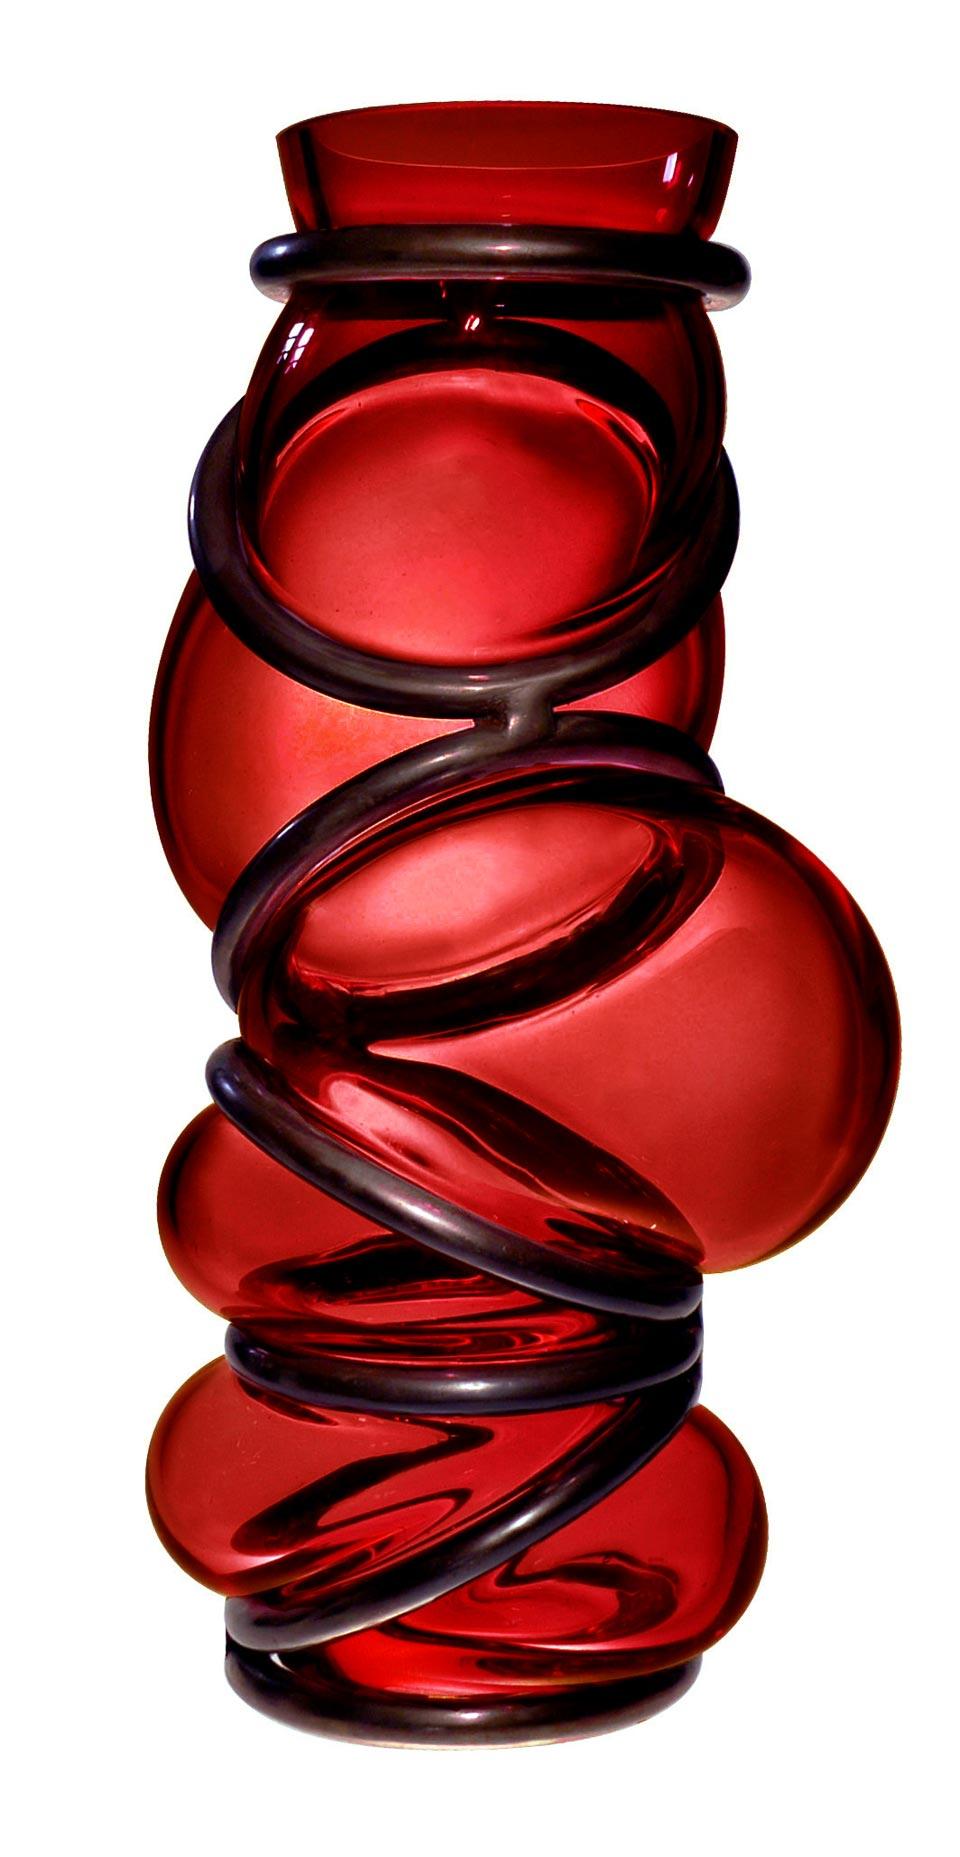 Vase en verre coloré Colors Ring rouge. Vanessa Mitrani.